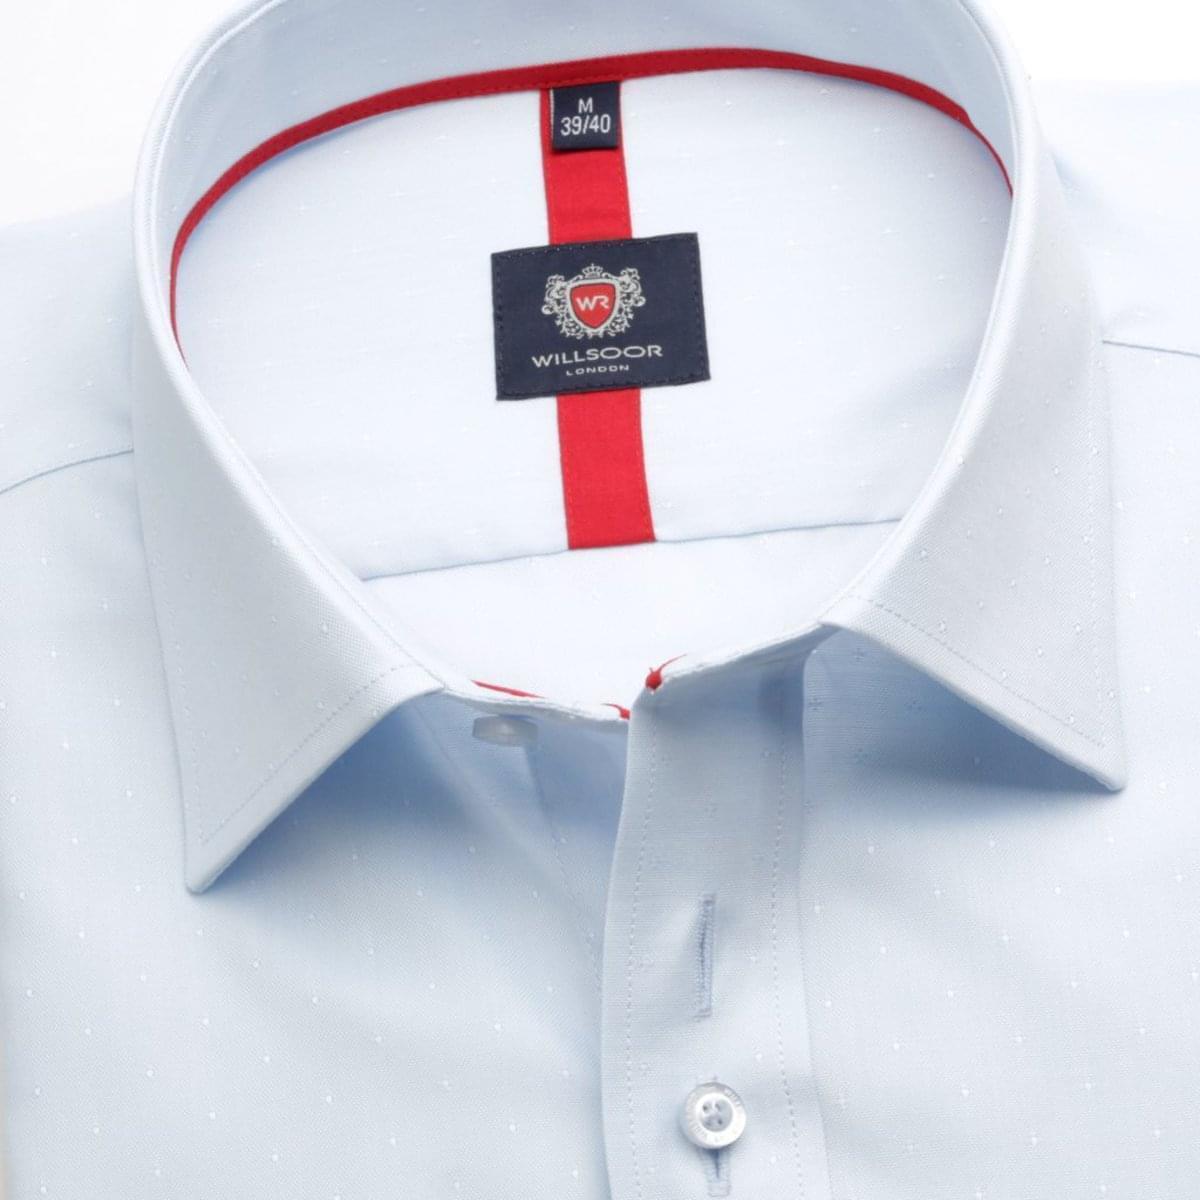 Pánská košile London v bledě modré barvě (výška 188-194) 5511 188-194 / XL (43/44)